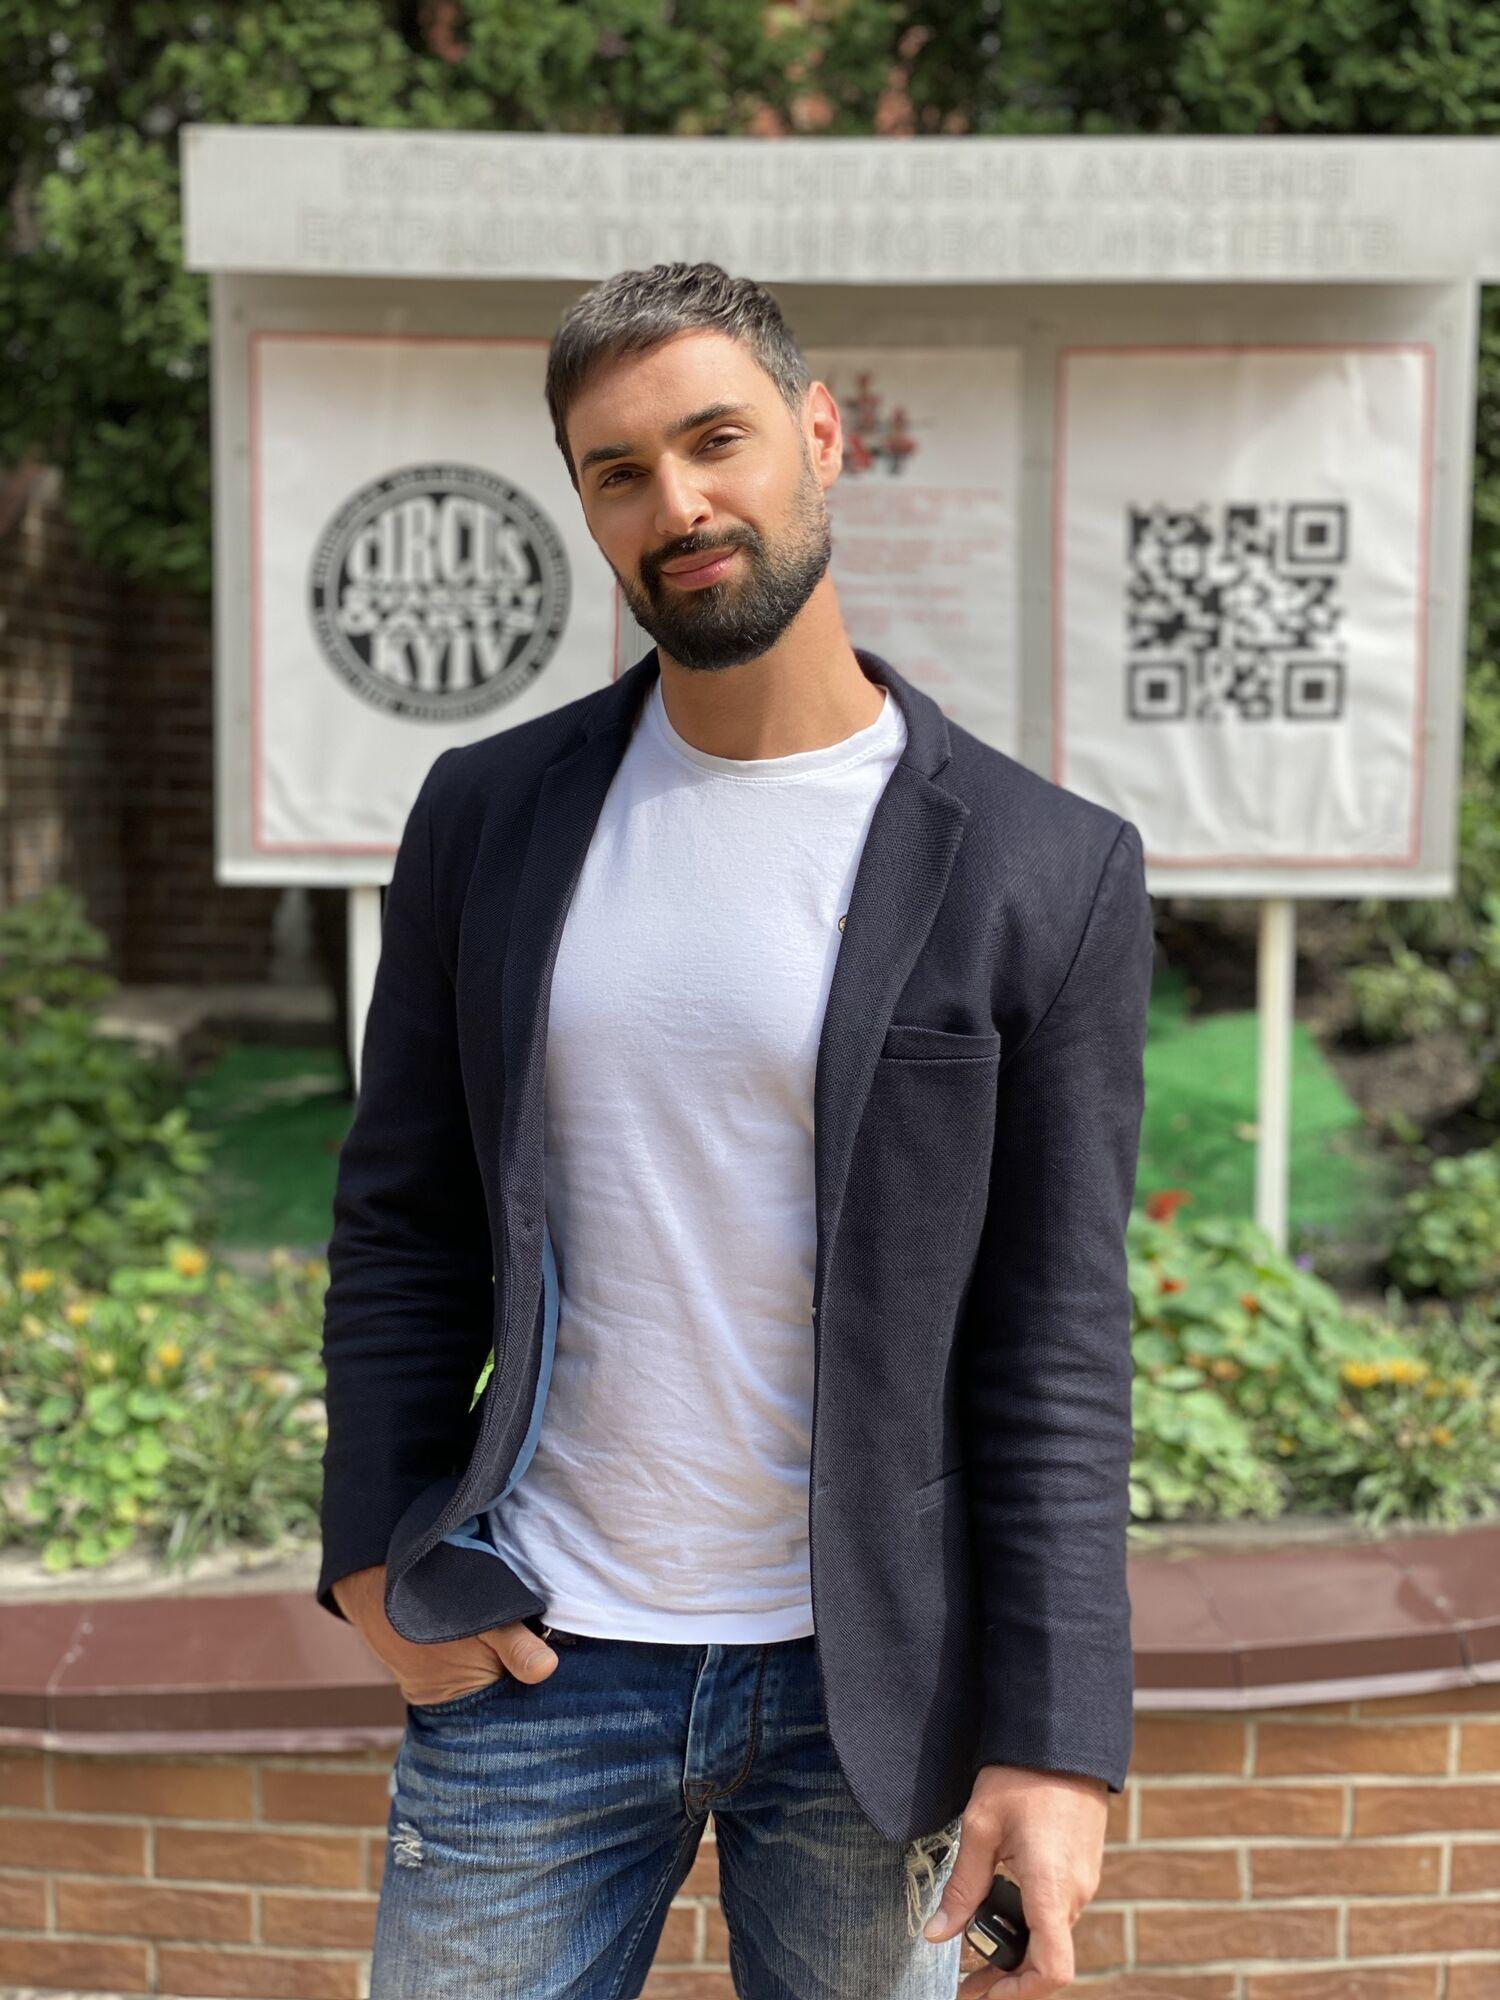 Виталий Козловский поступил в университет и стал преподавателем.